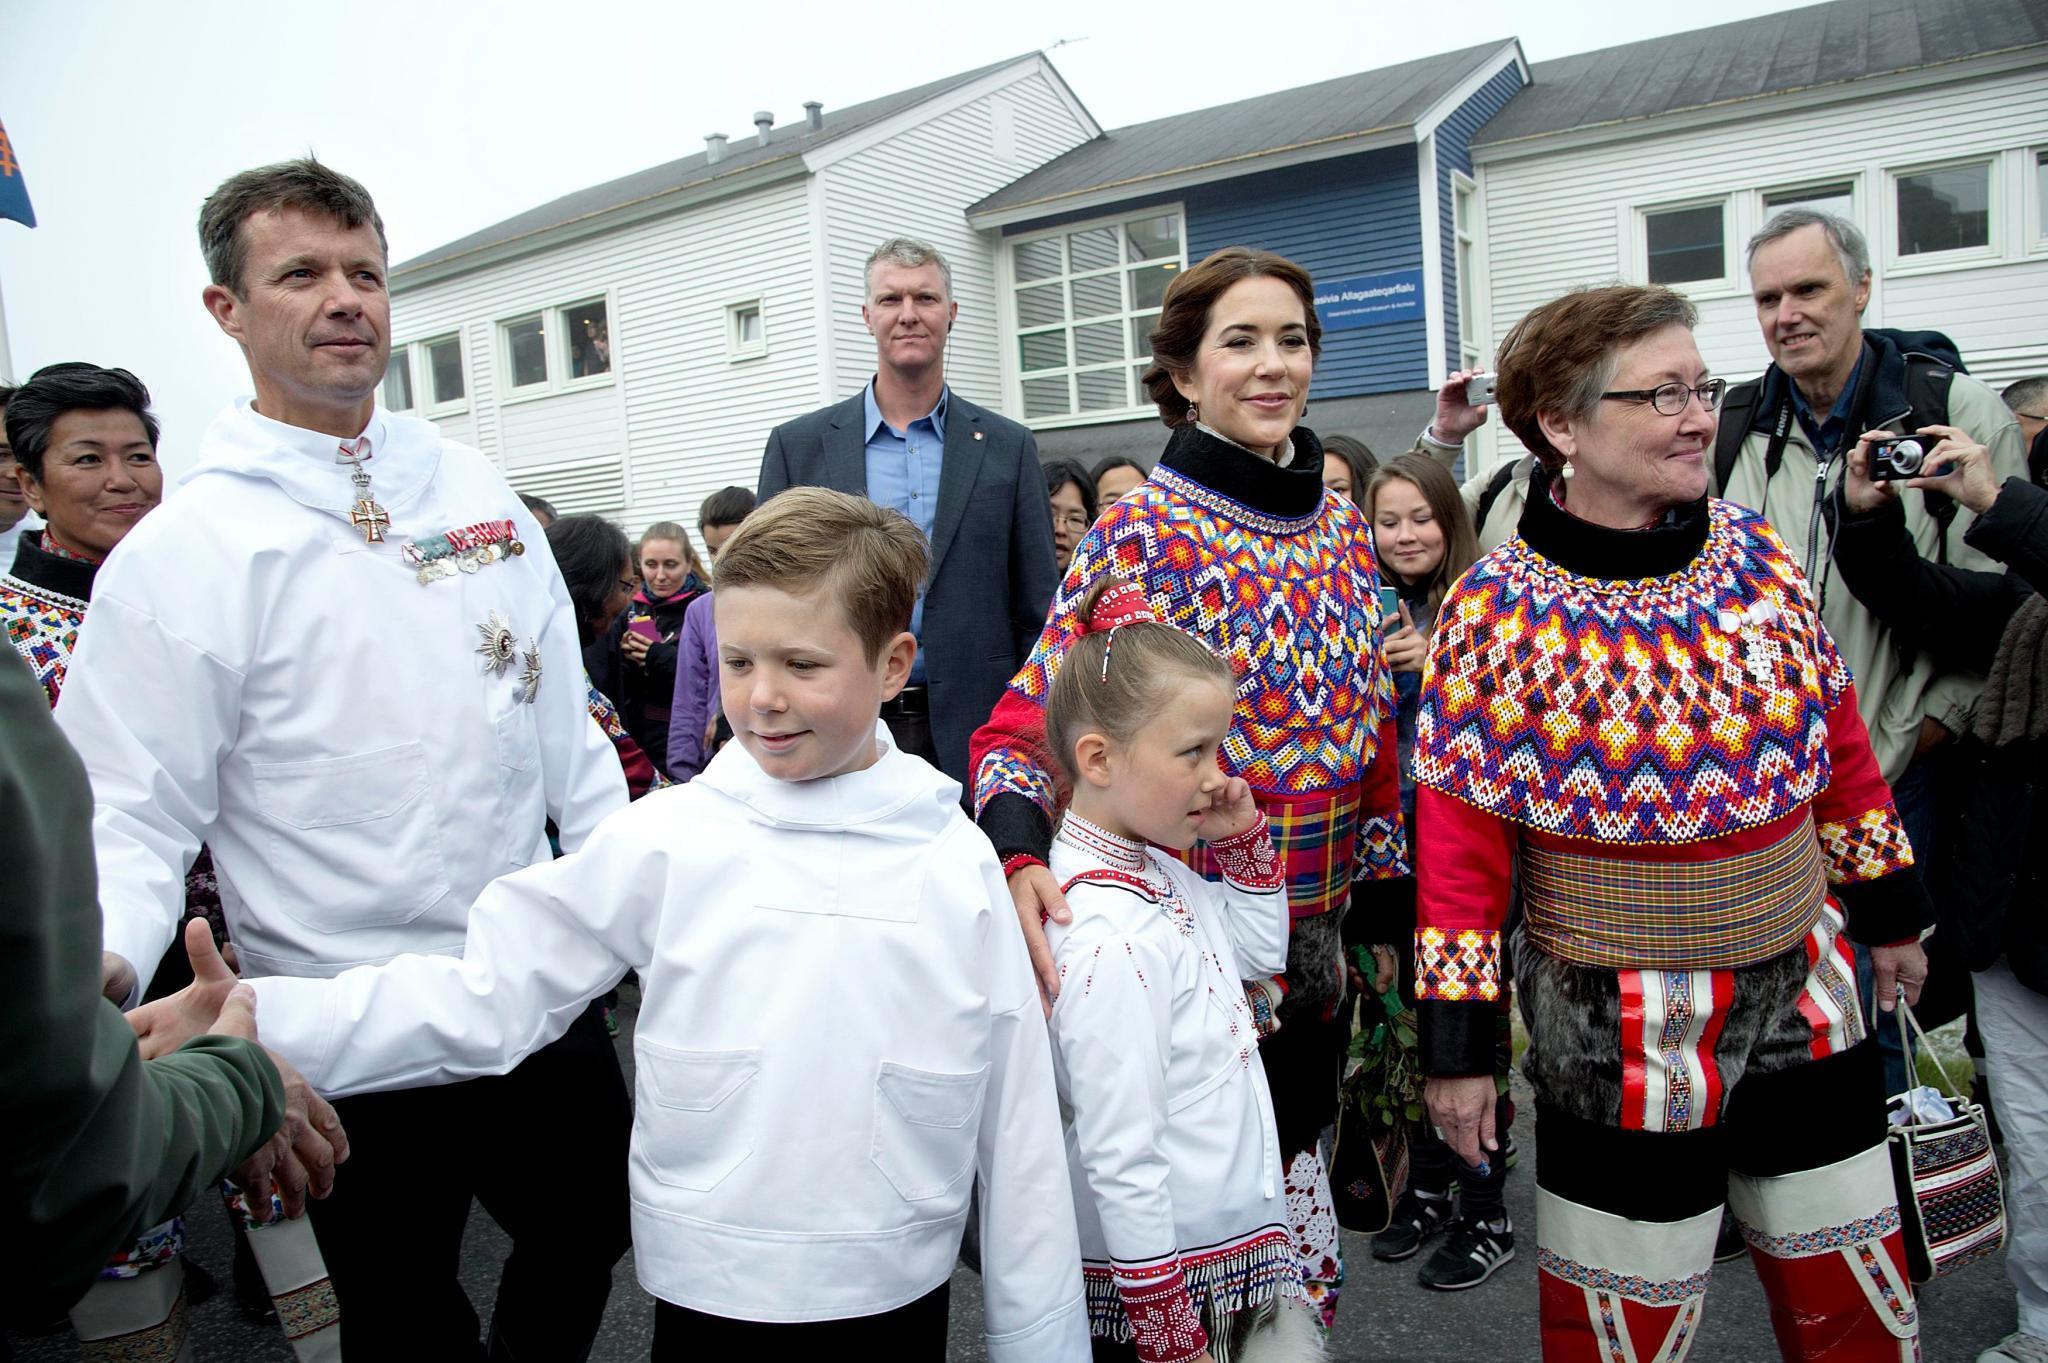 MIt allen Kindern reisen Prinzessin Mary und Prinz Frederik im August nach Grönland und ernten viel Lob.